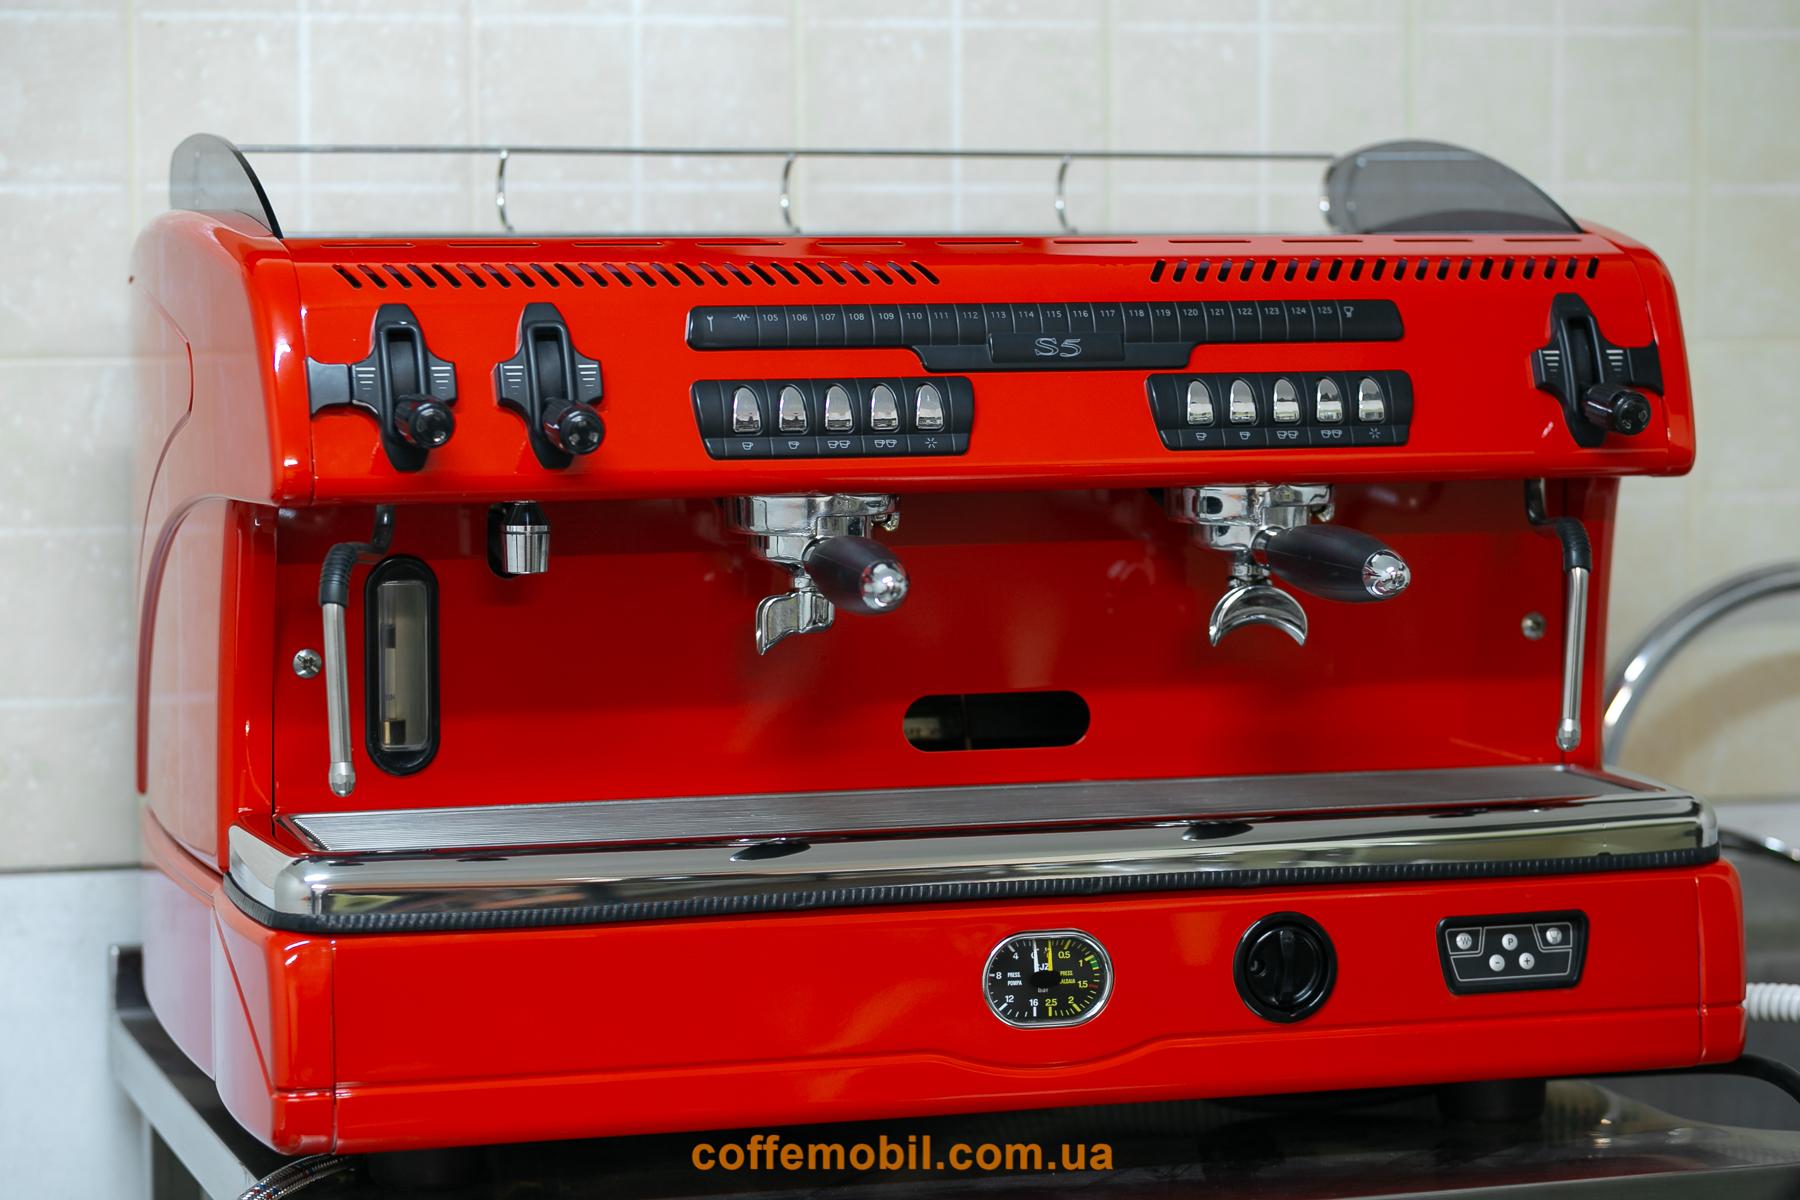 Профессиональная кофеварка Spaziale s5 2gr